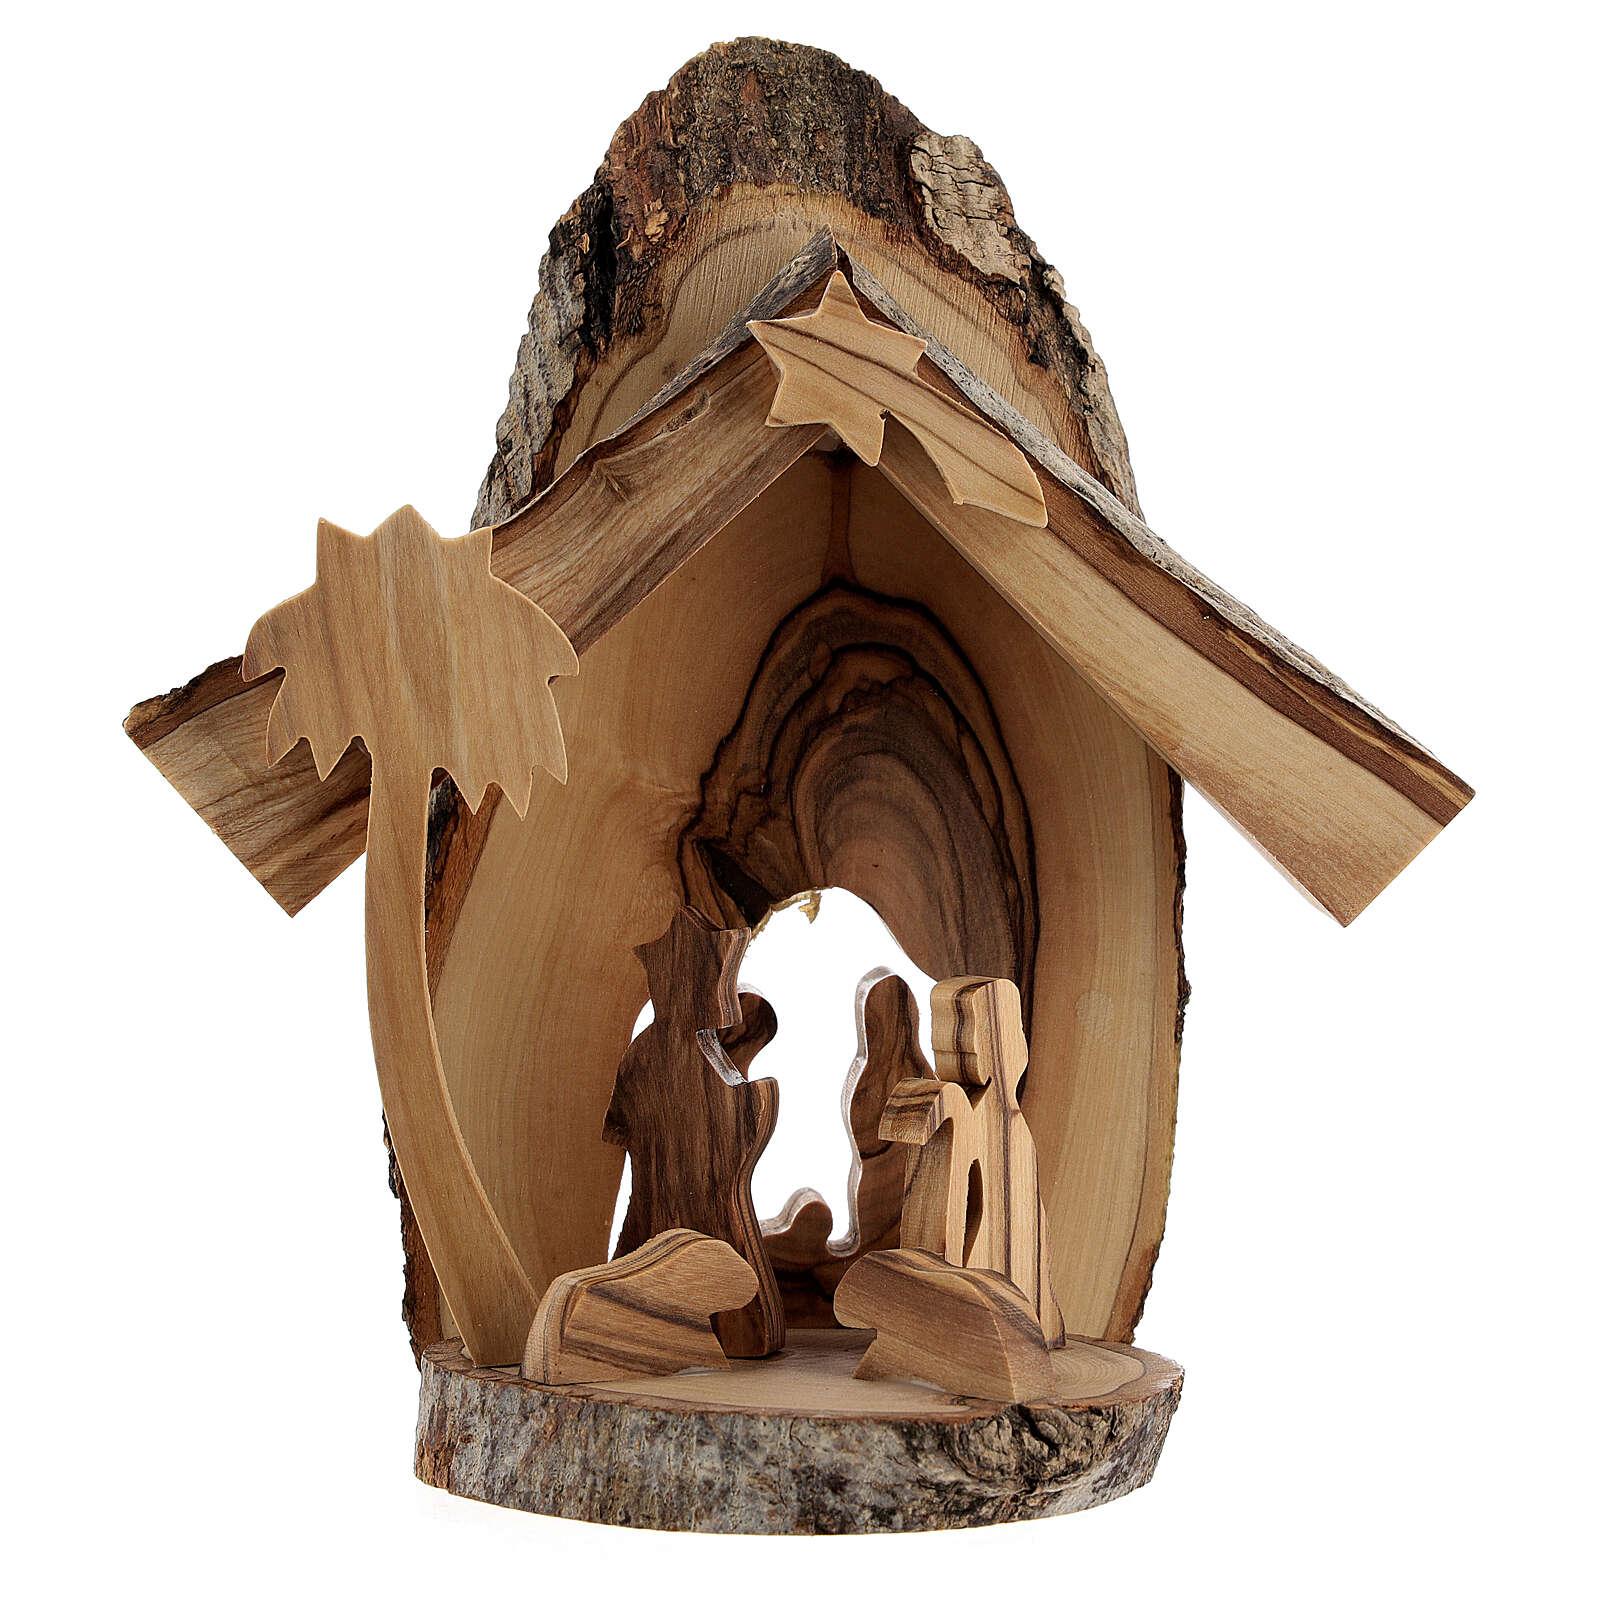 Capanna Natività 4 cm sezioni tronco ulivo Betlemme 15x15x5 cm 4